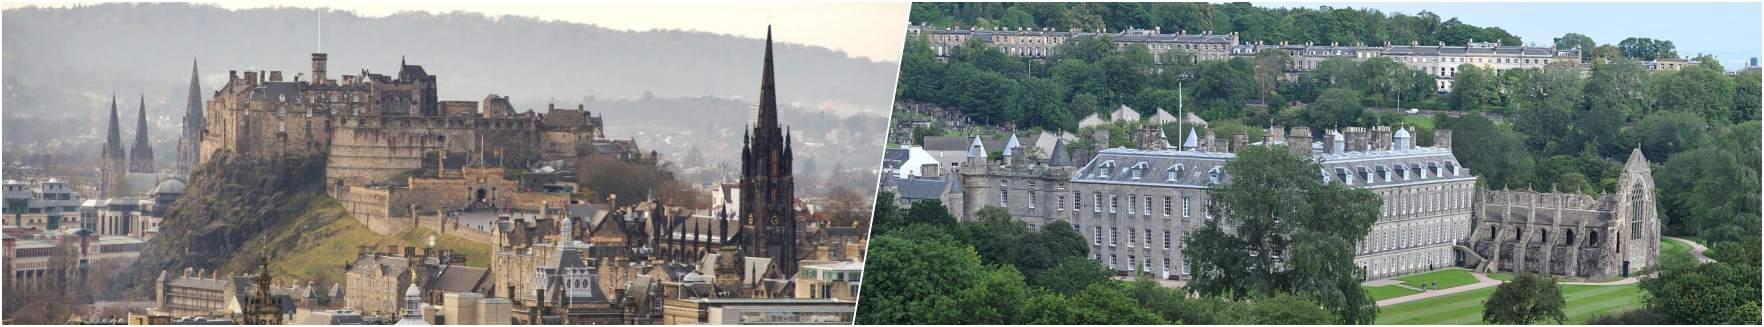 Edinburgh - Holyrood Castle